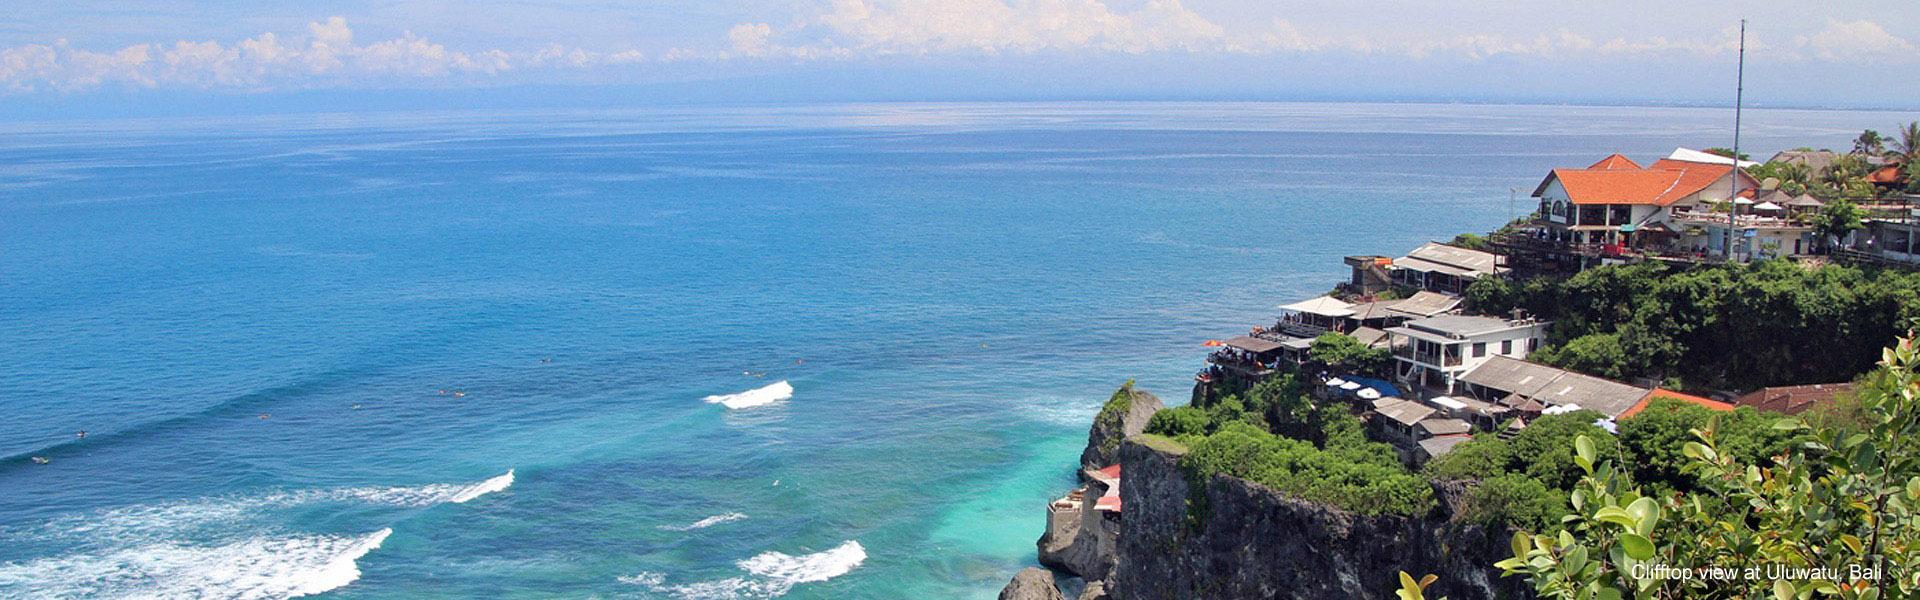 Uluwatu clifftop view, Bali